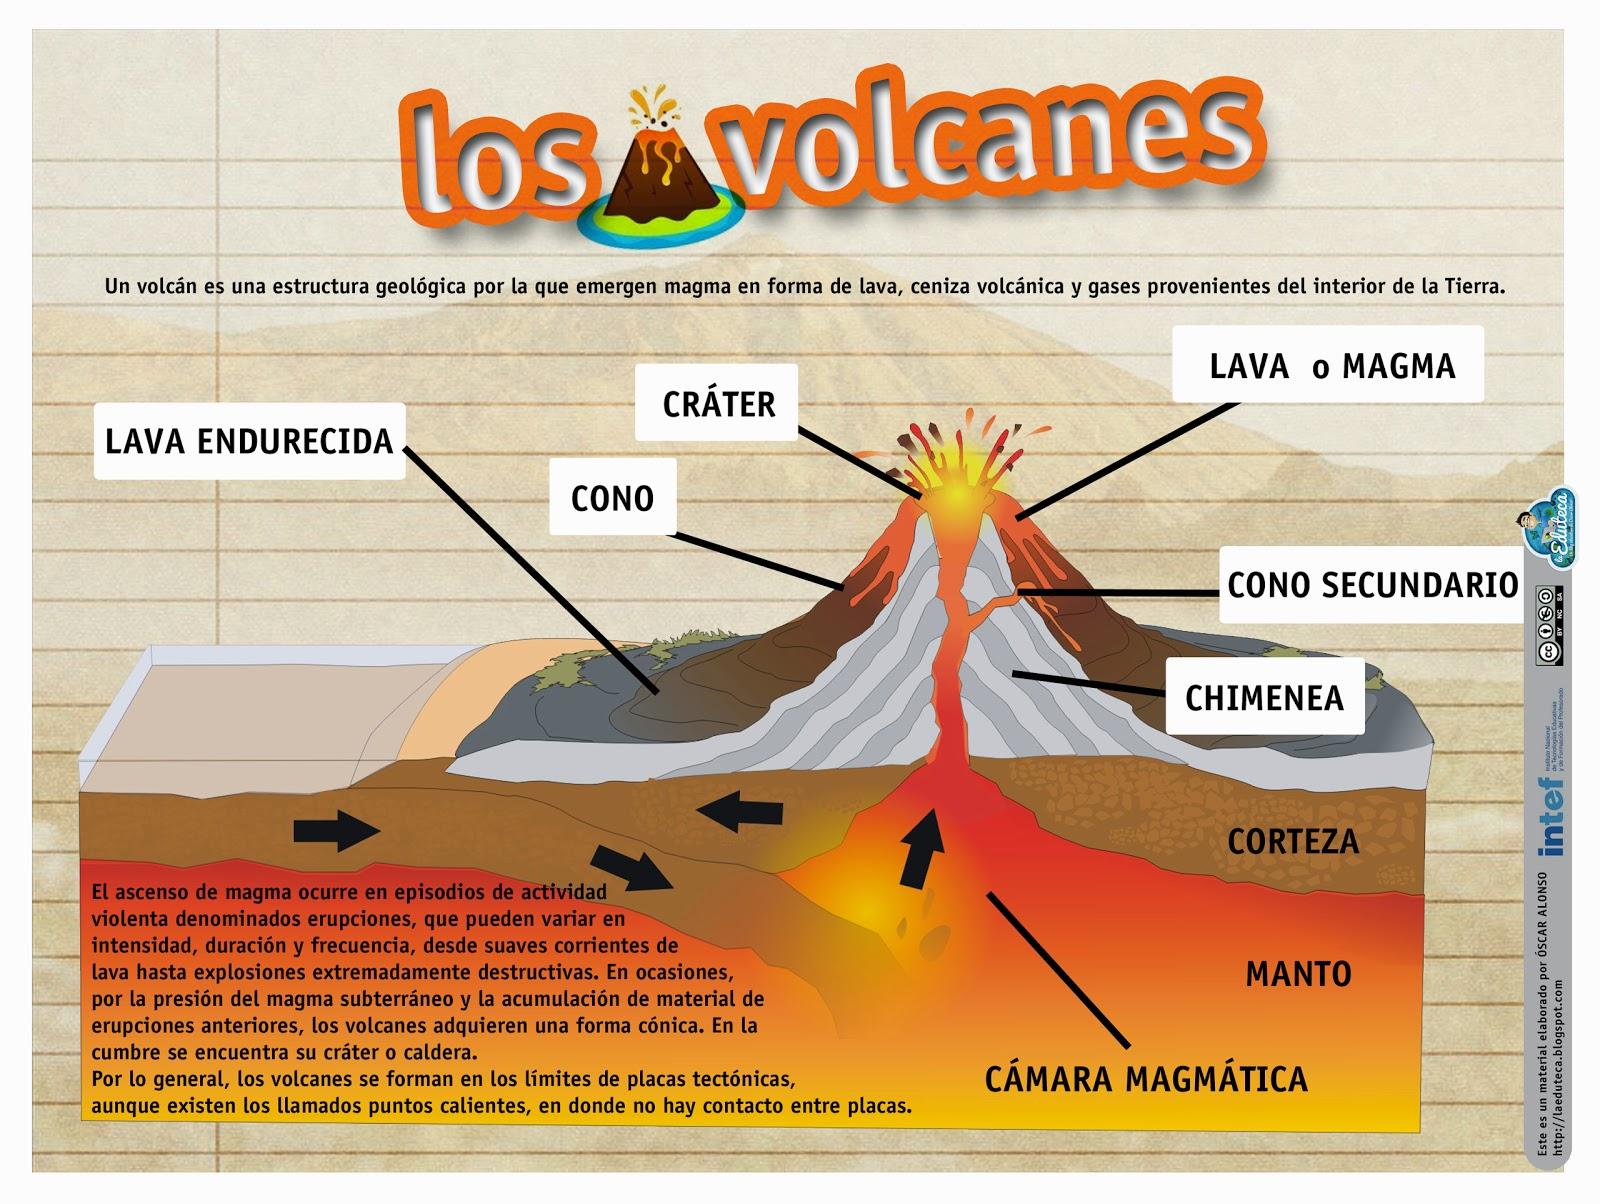 Recursos primaria esquema sobre los volcanes la eduteca for Ministerio de interior en ingles